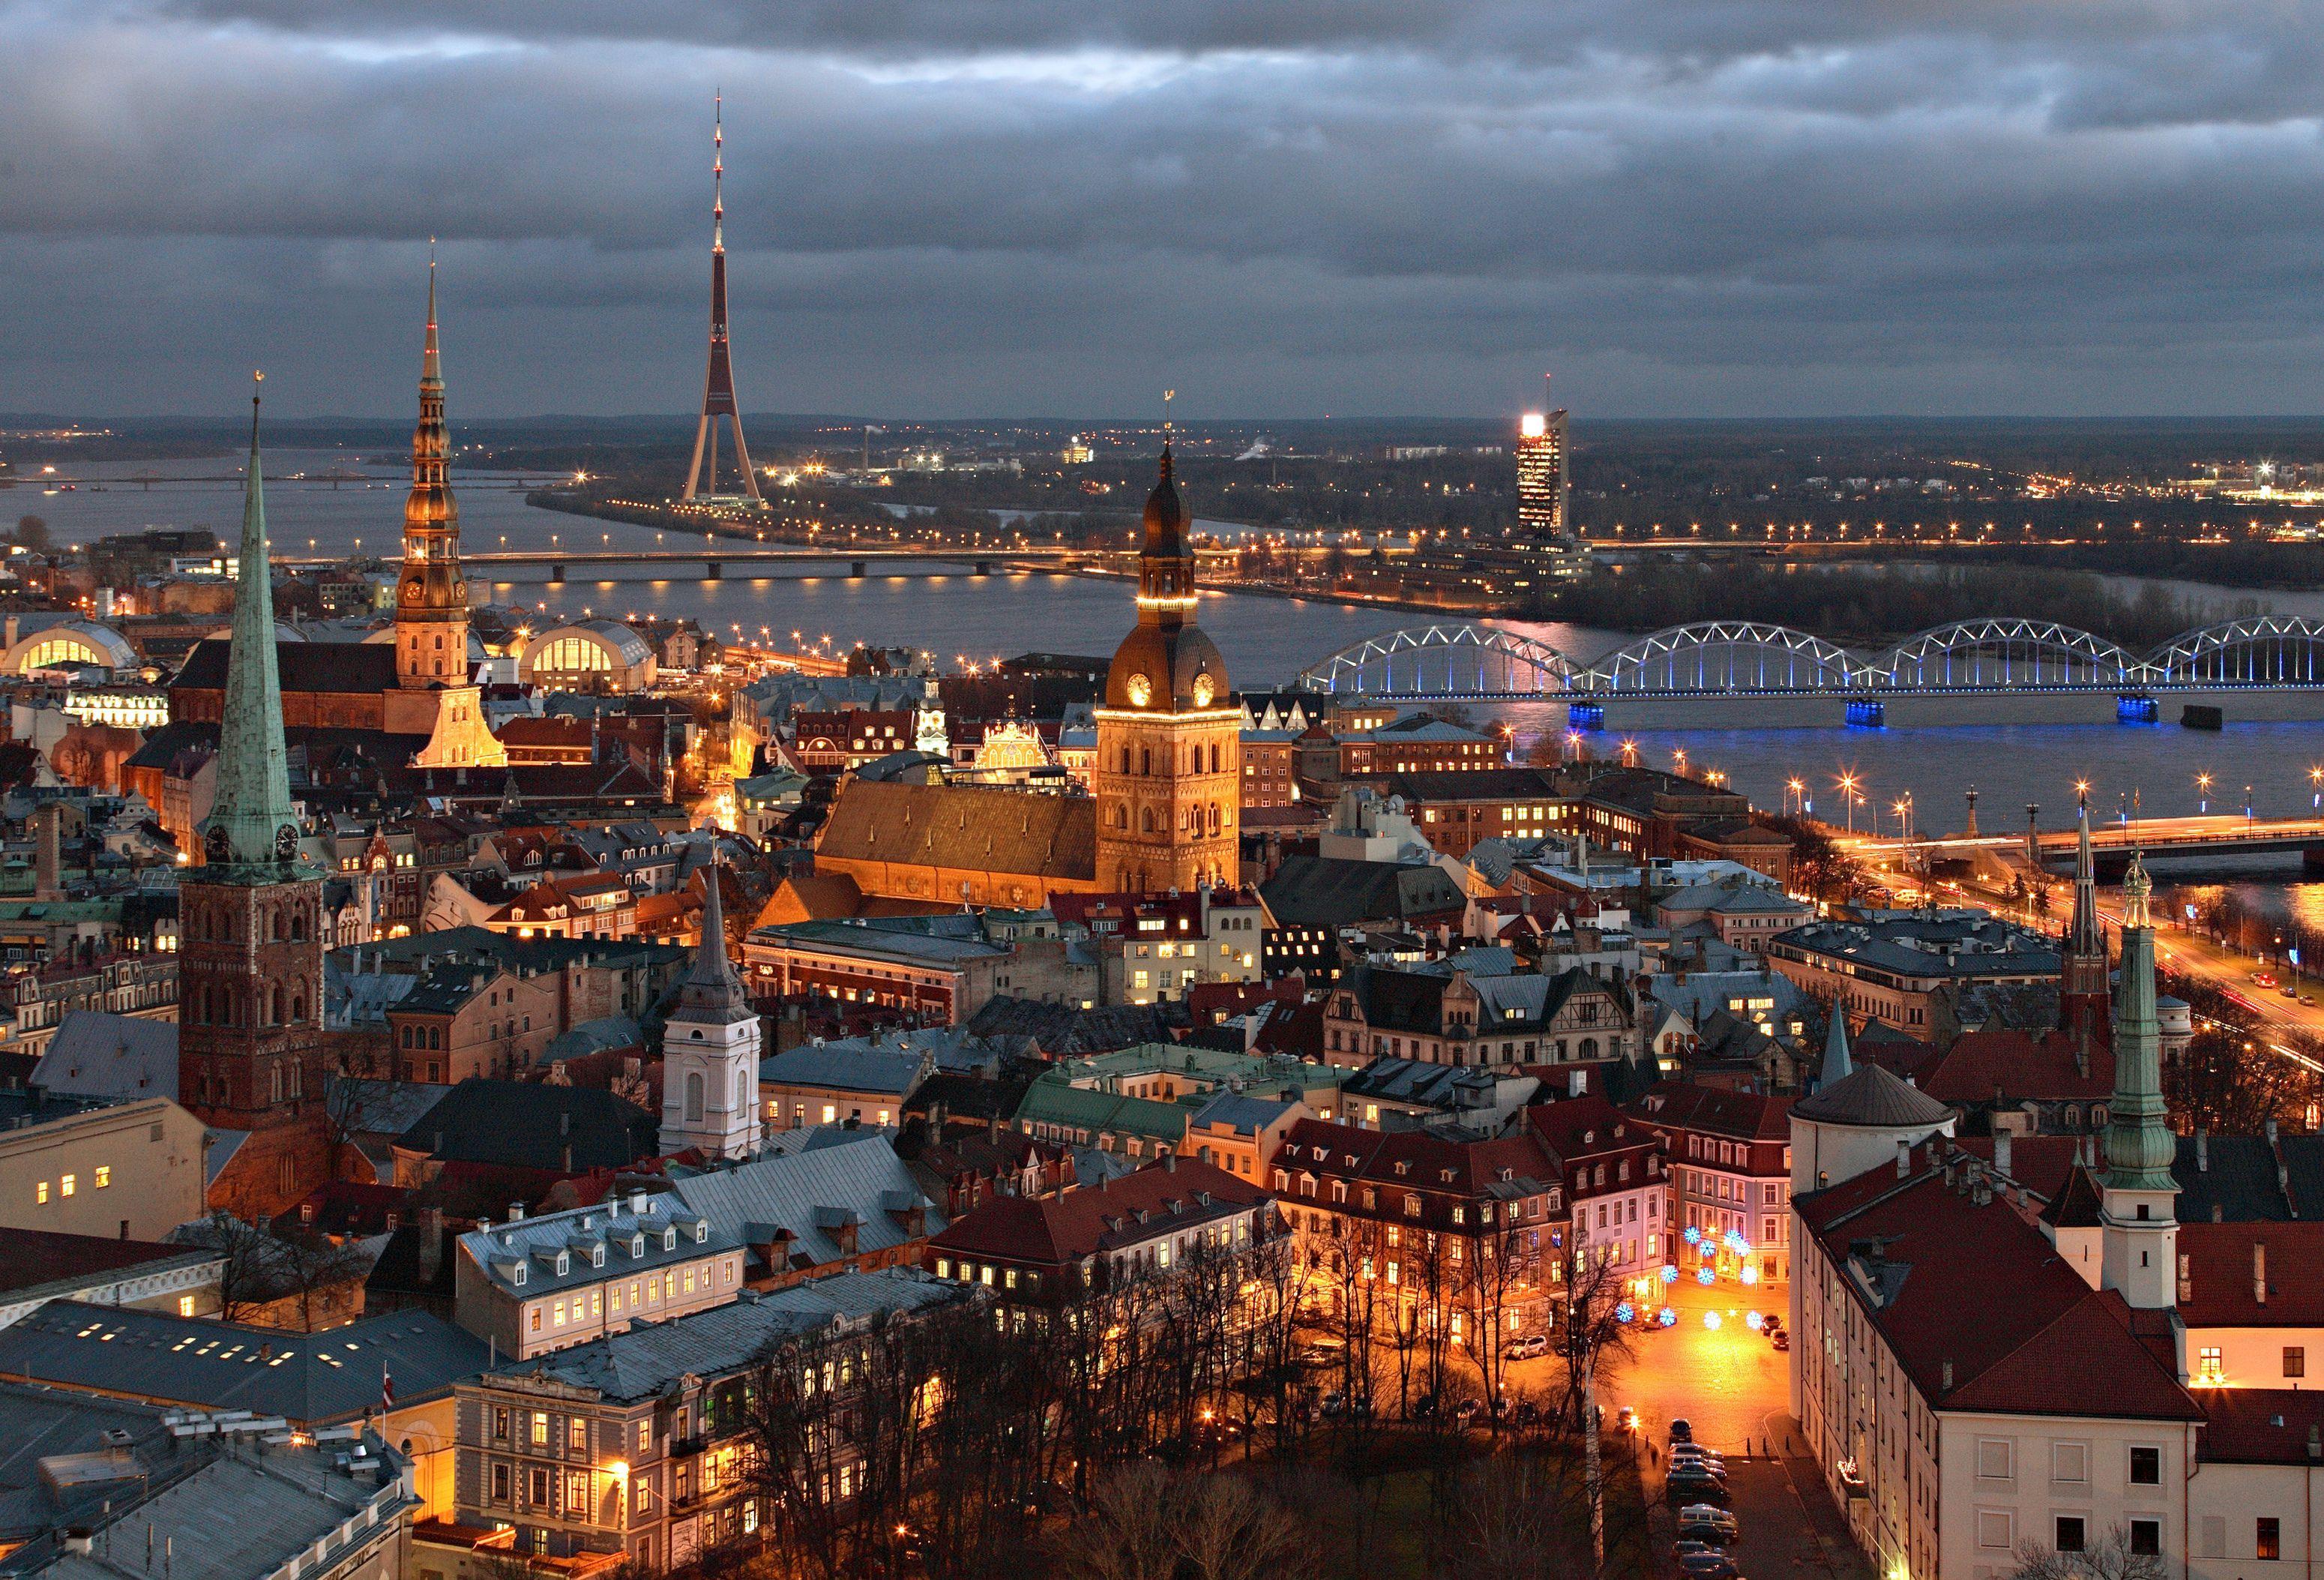 Voli low cost Riga per ponte romantico Epifania - Viaggiamo